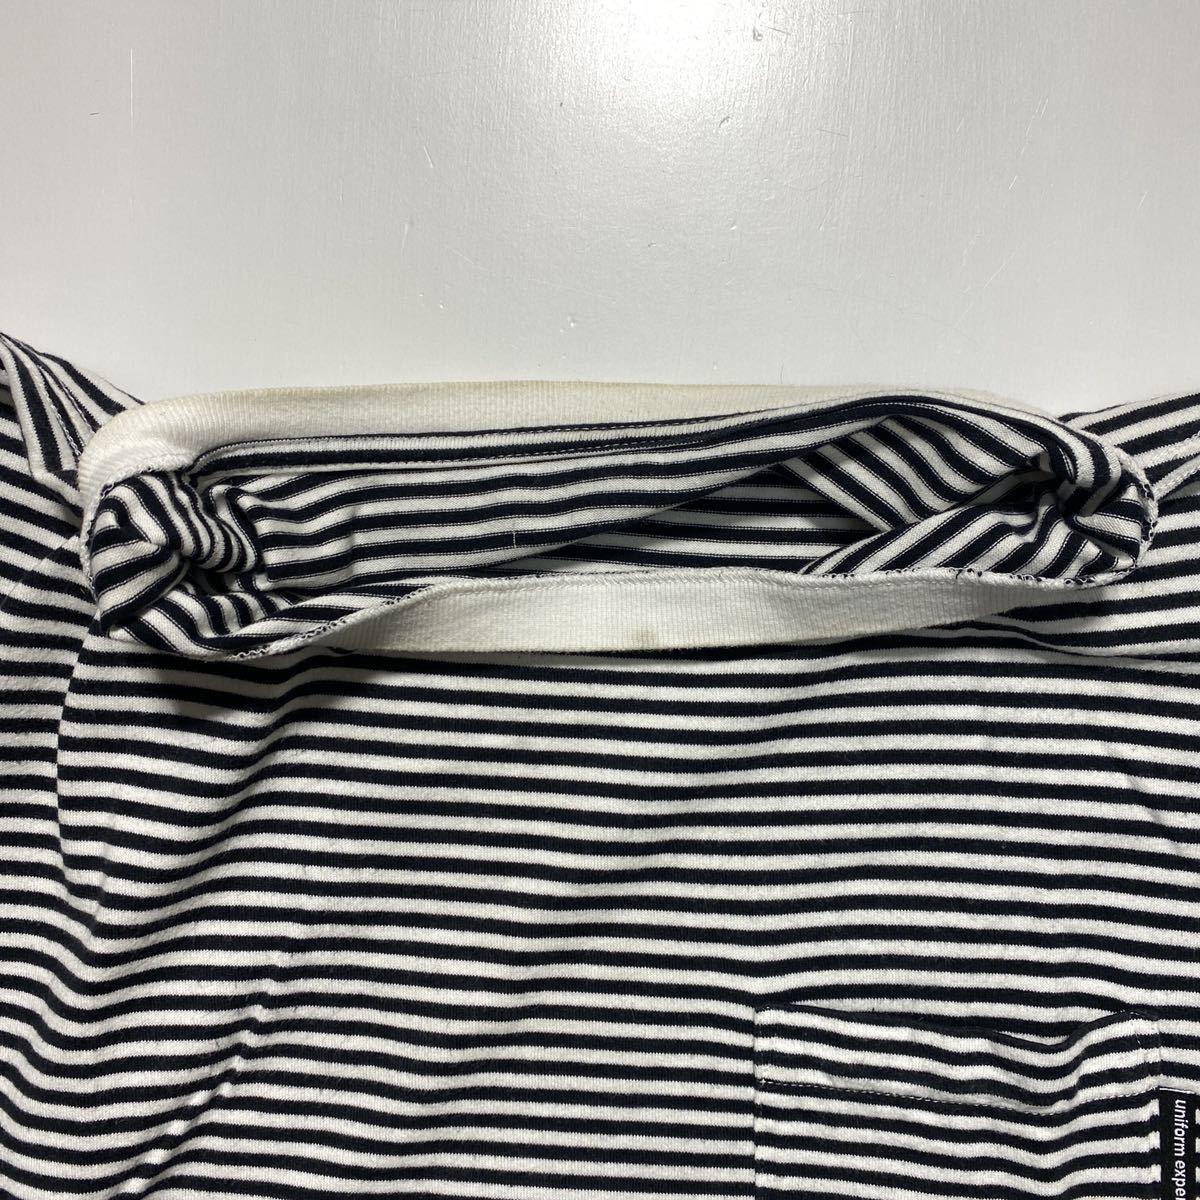 【2】uniform experiment Fragment design Border Tee ユニフォーム エクスペリメント フラグメントデザイン ボーダー Tシャツ G484_画像4